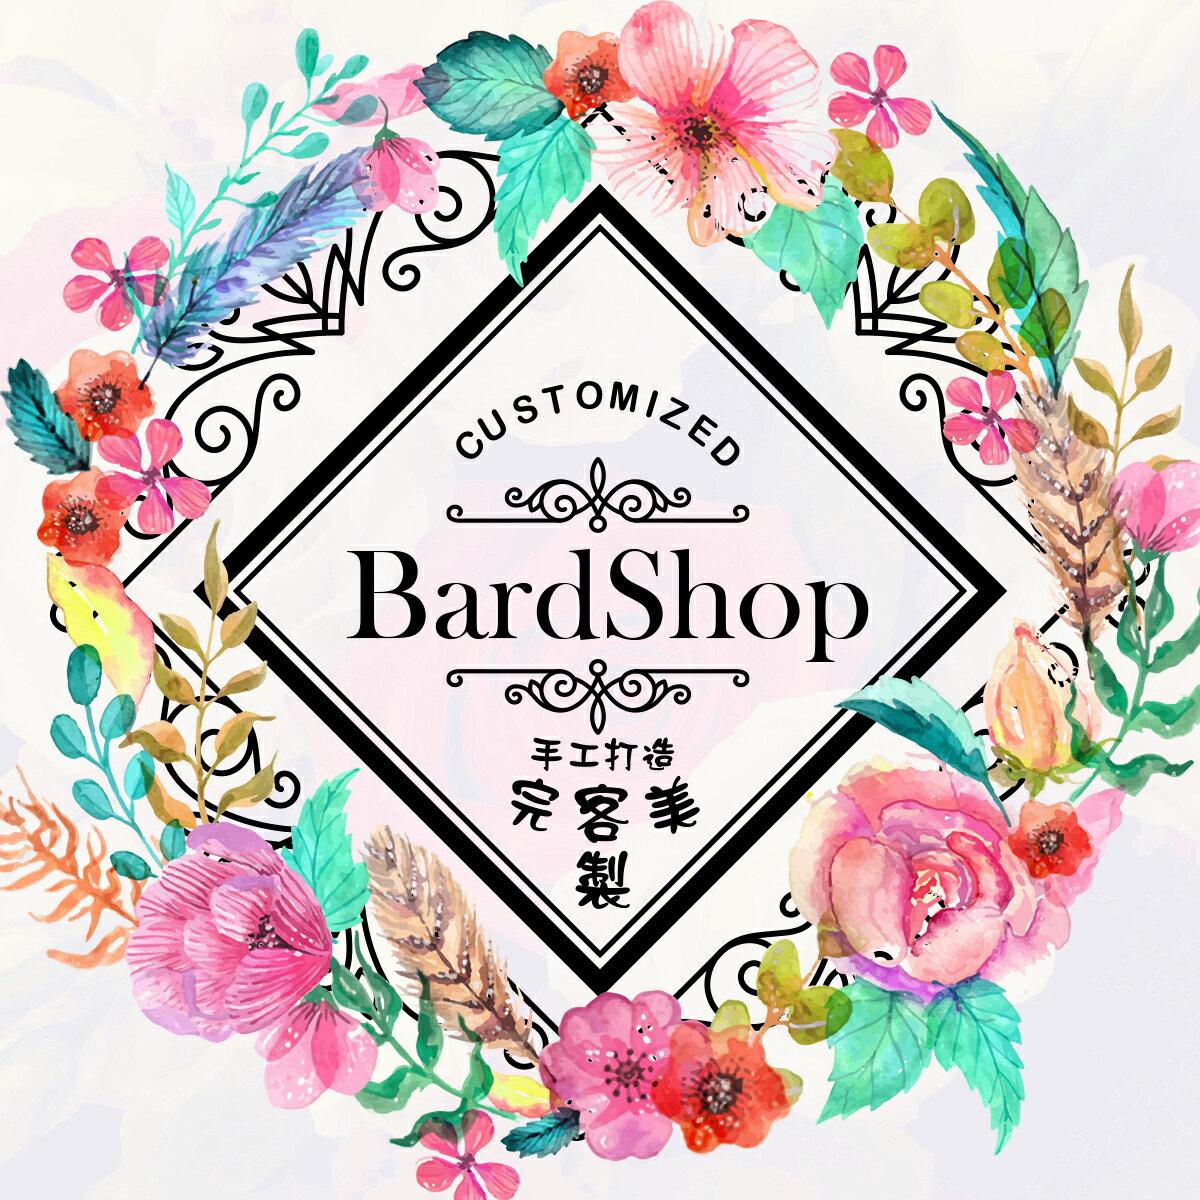 Bardshop